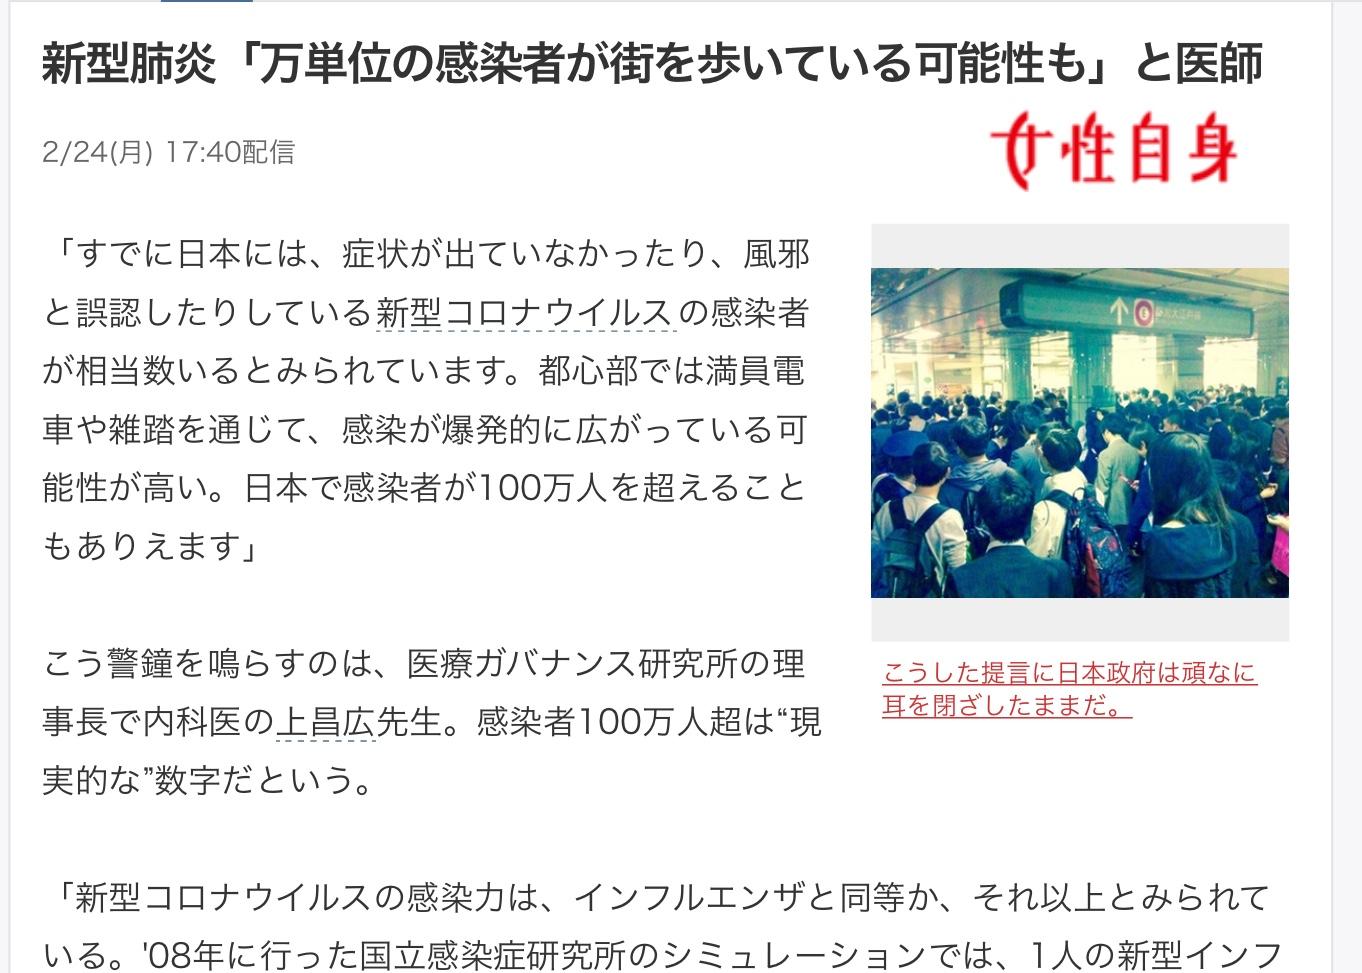 日本專家指出日本街頭已有萬人單位在走動,100萬人感染不足為奇,日本有一天驗20萬人能力,卻故意不驗 圖:攝自女性自身官網